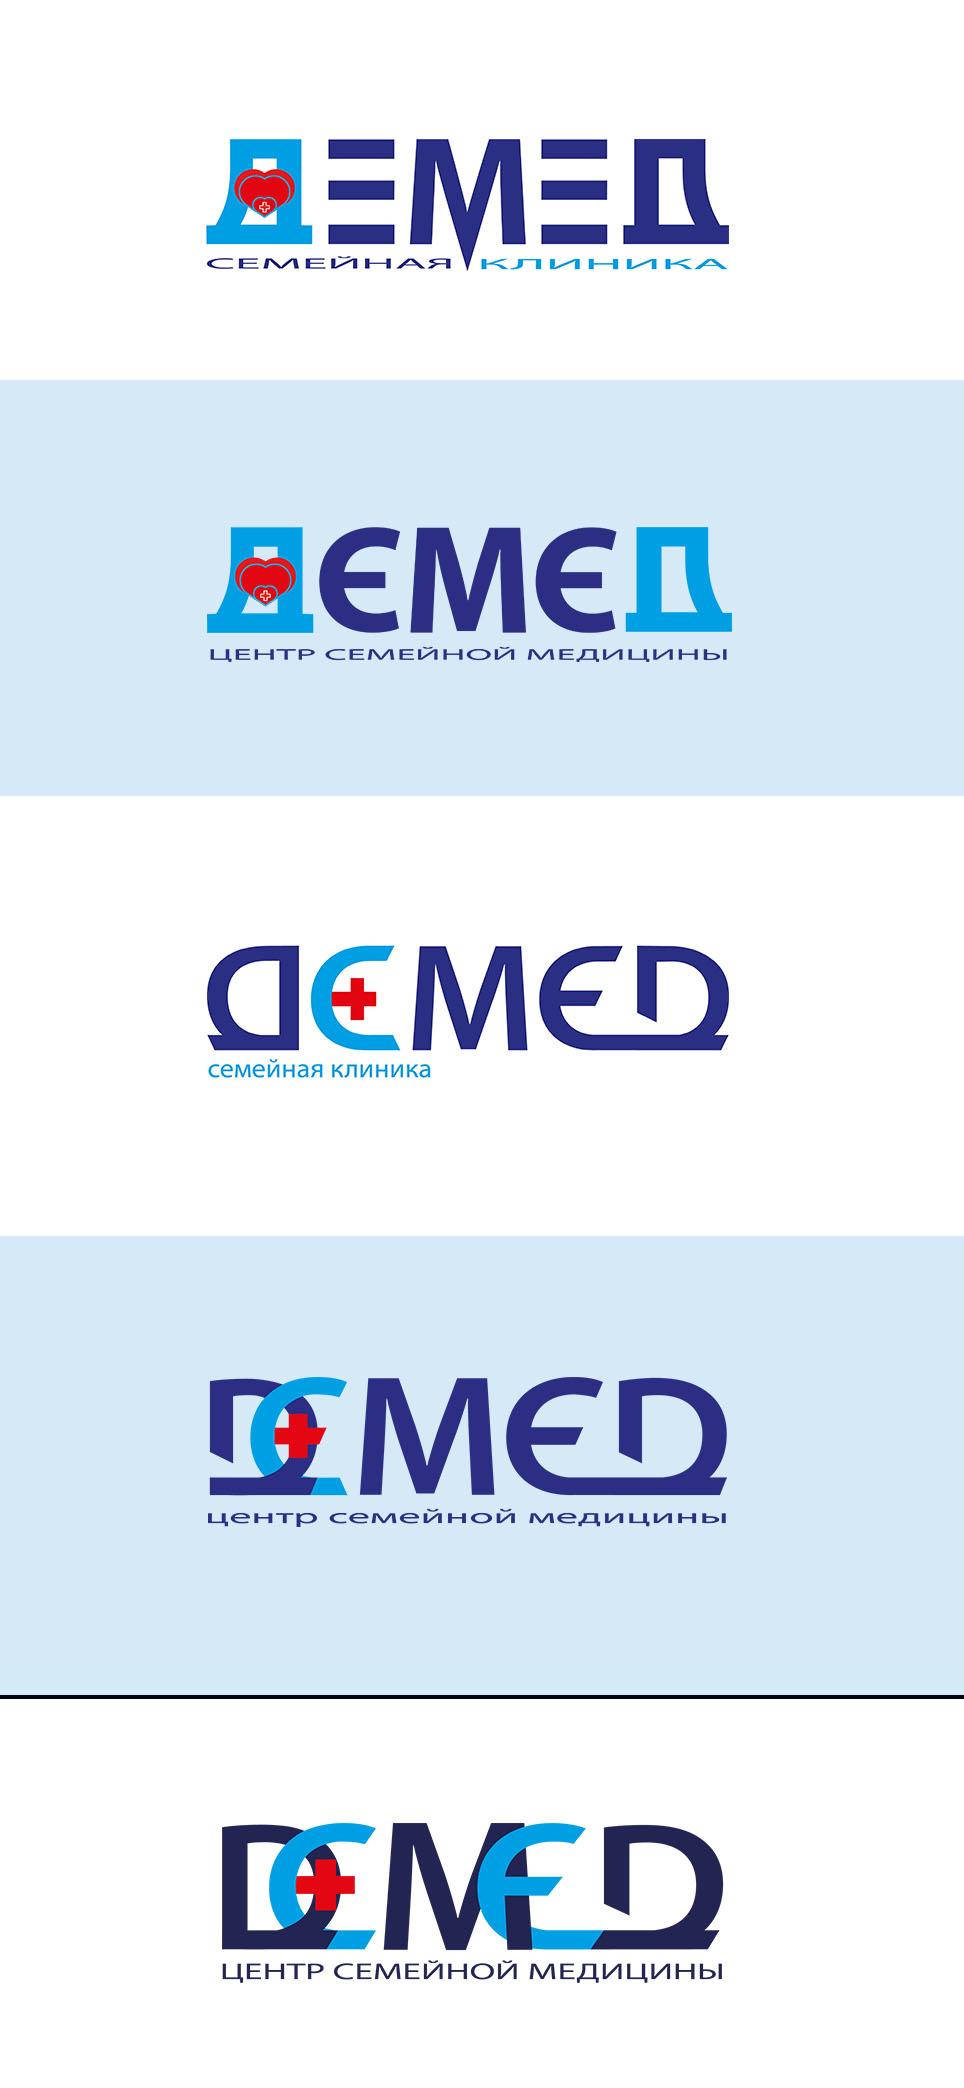 Логотип медицинского центра фото f_9855dcedf08162f7.jpg